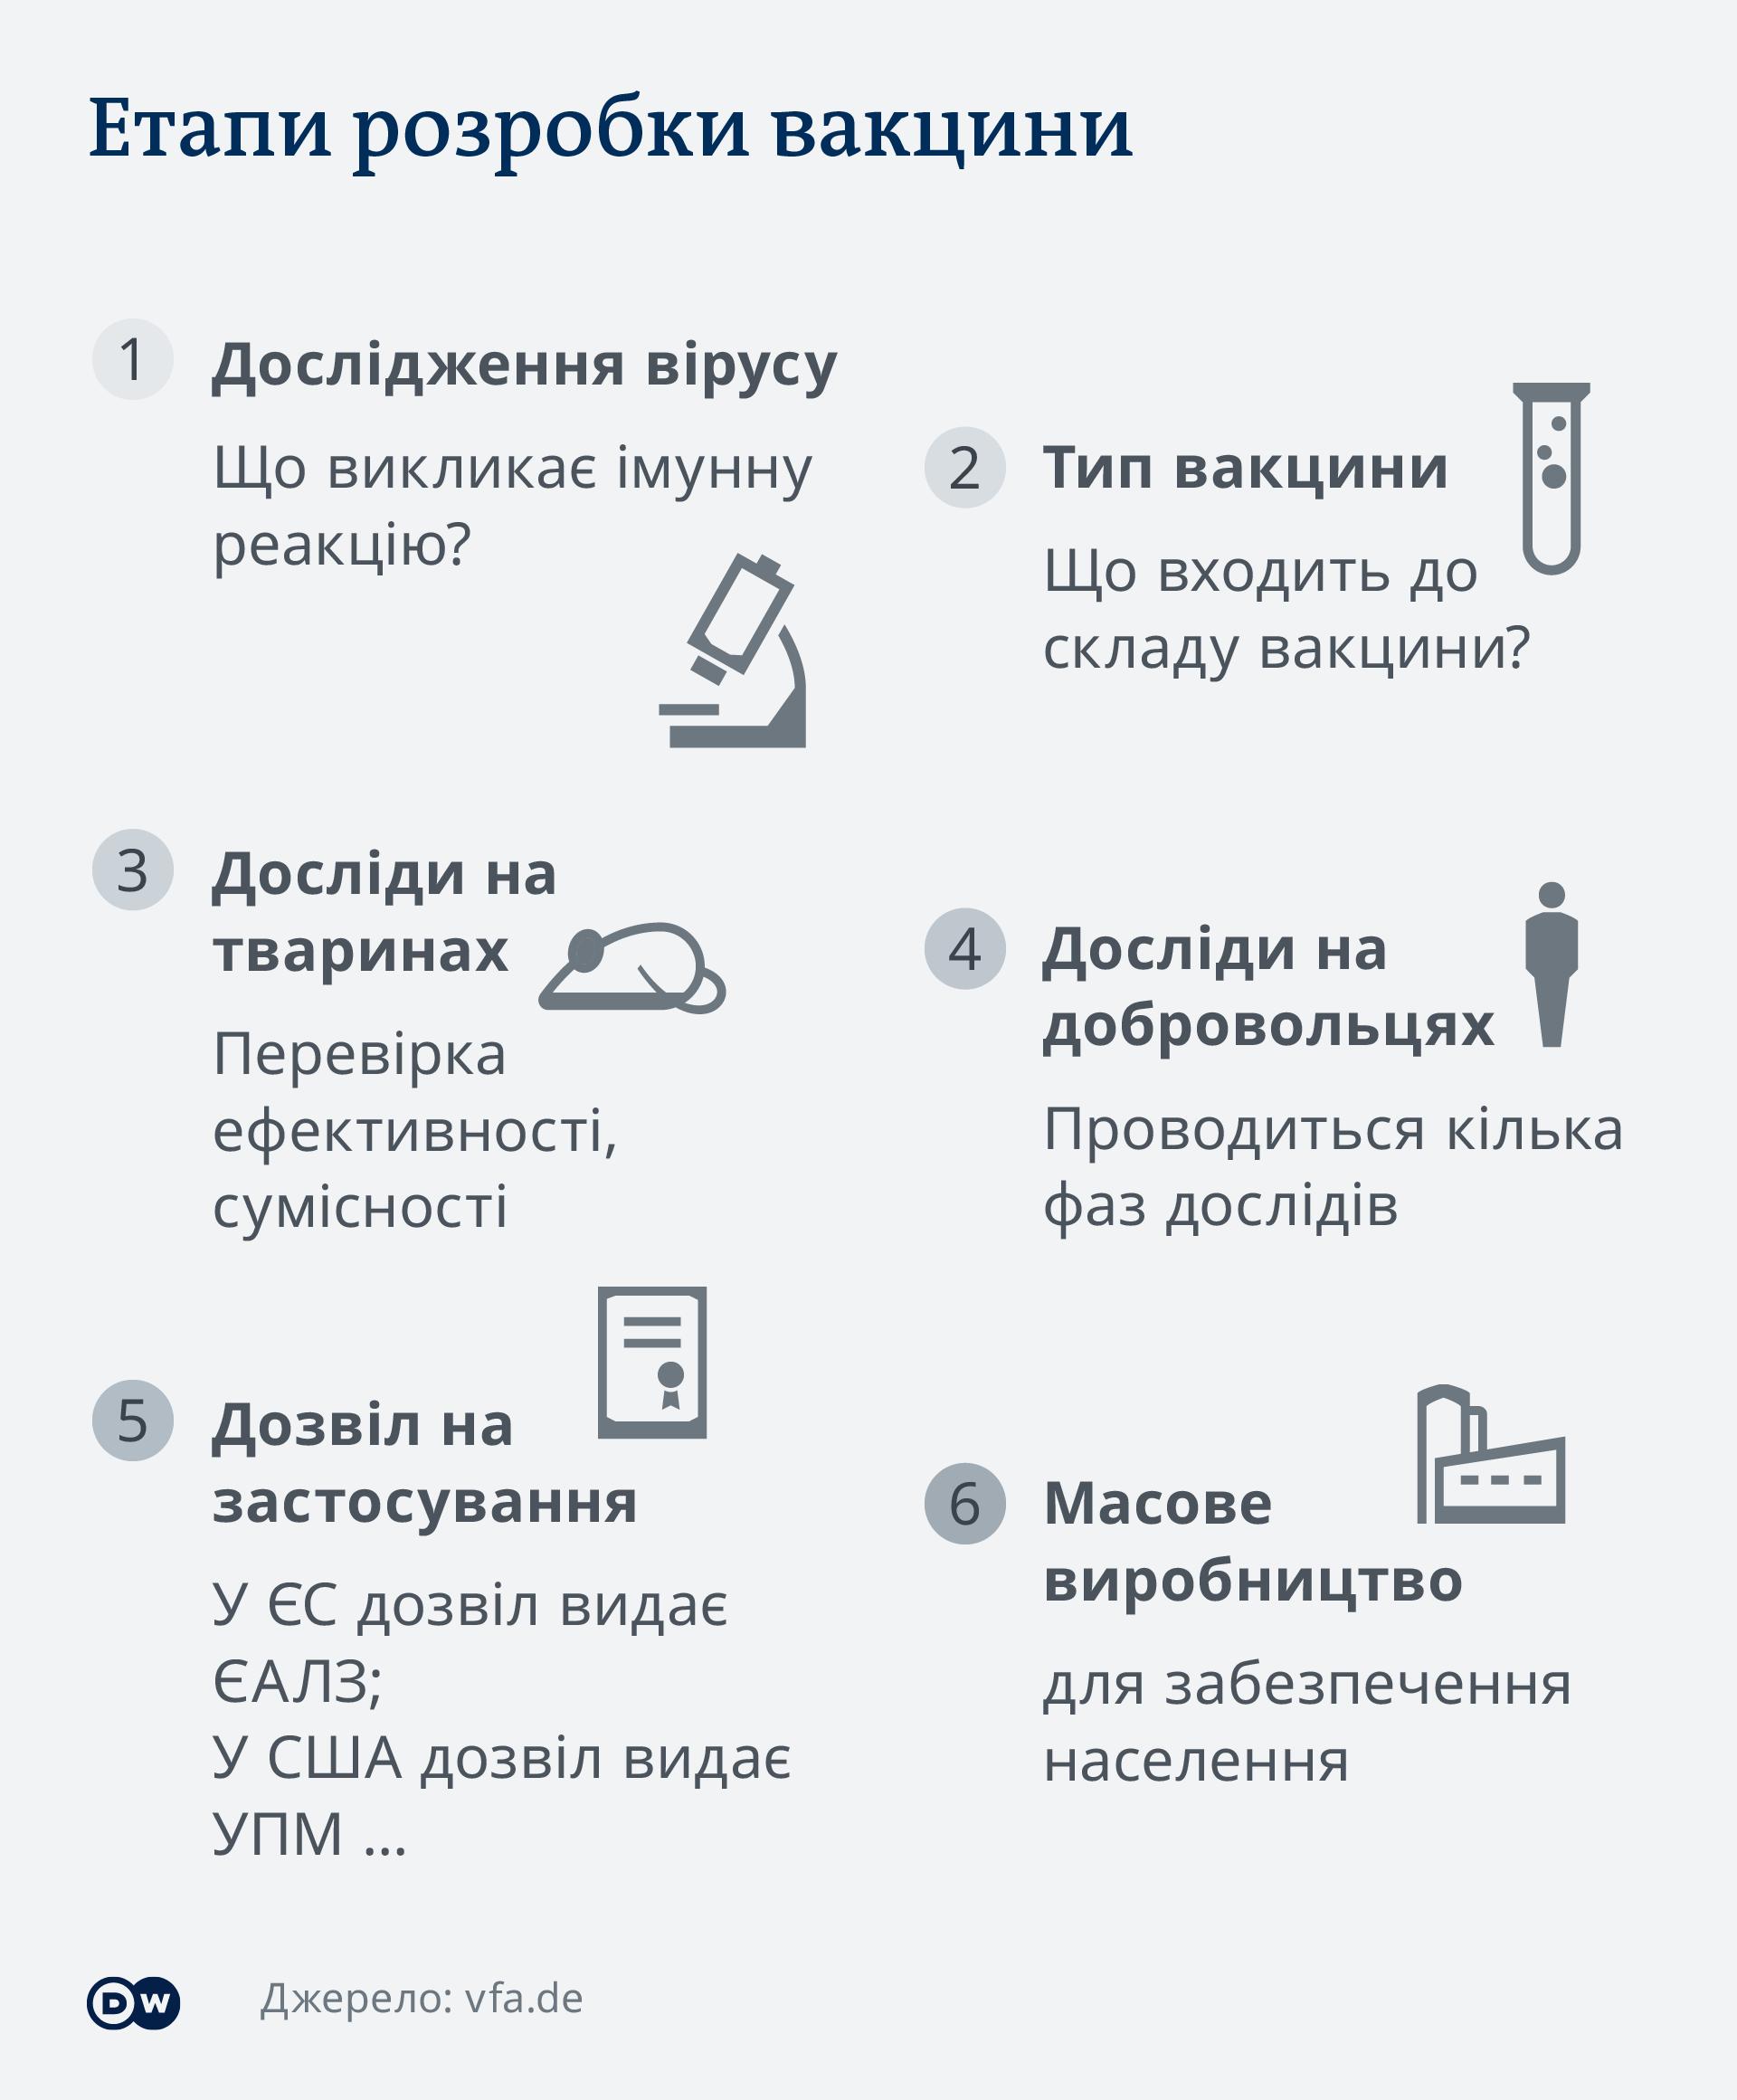 DW Infografik Coronavirus Impstoffentwicklung Ukrainisch